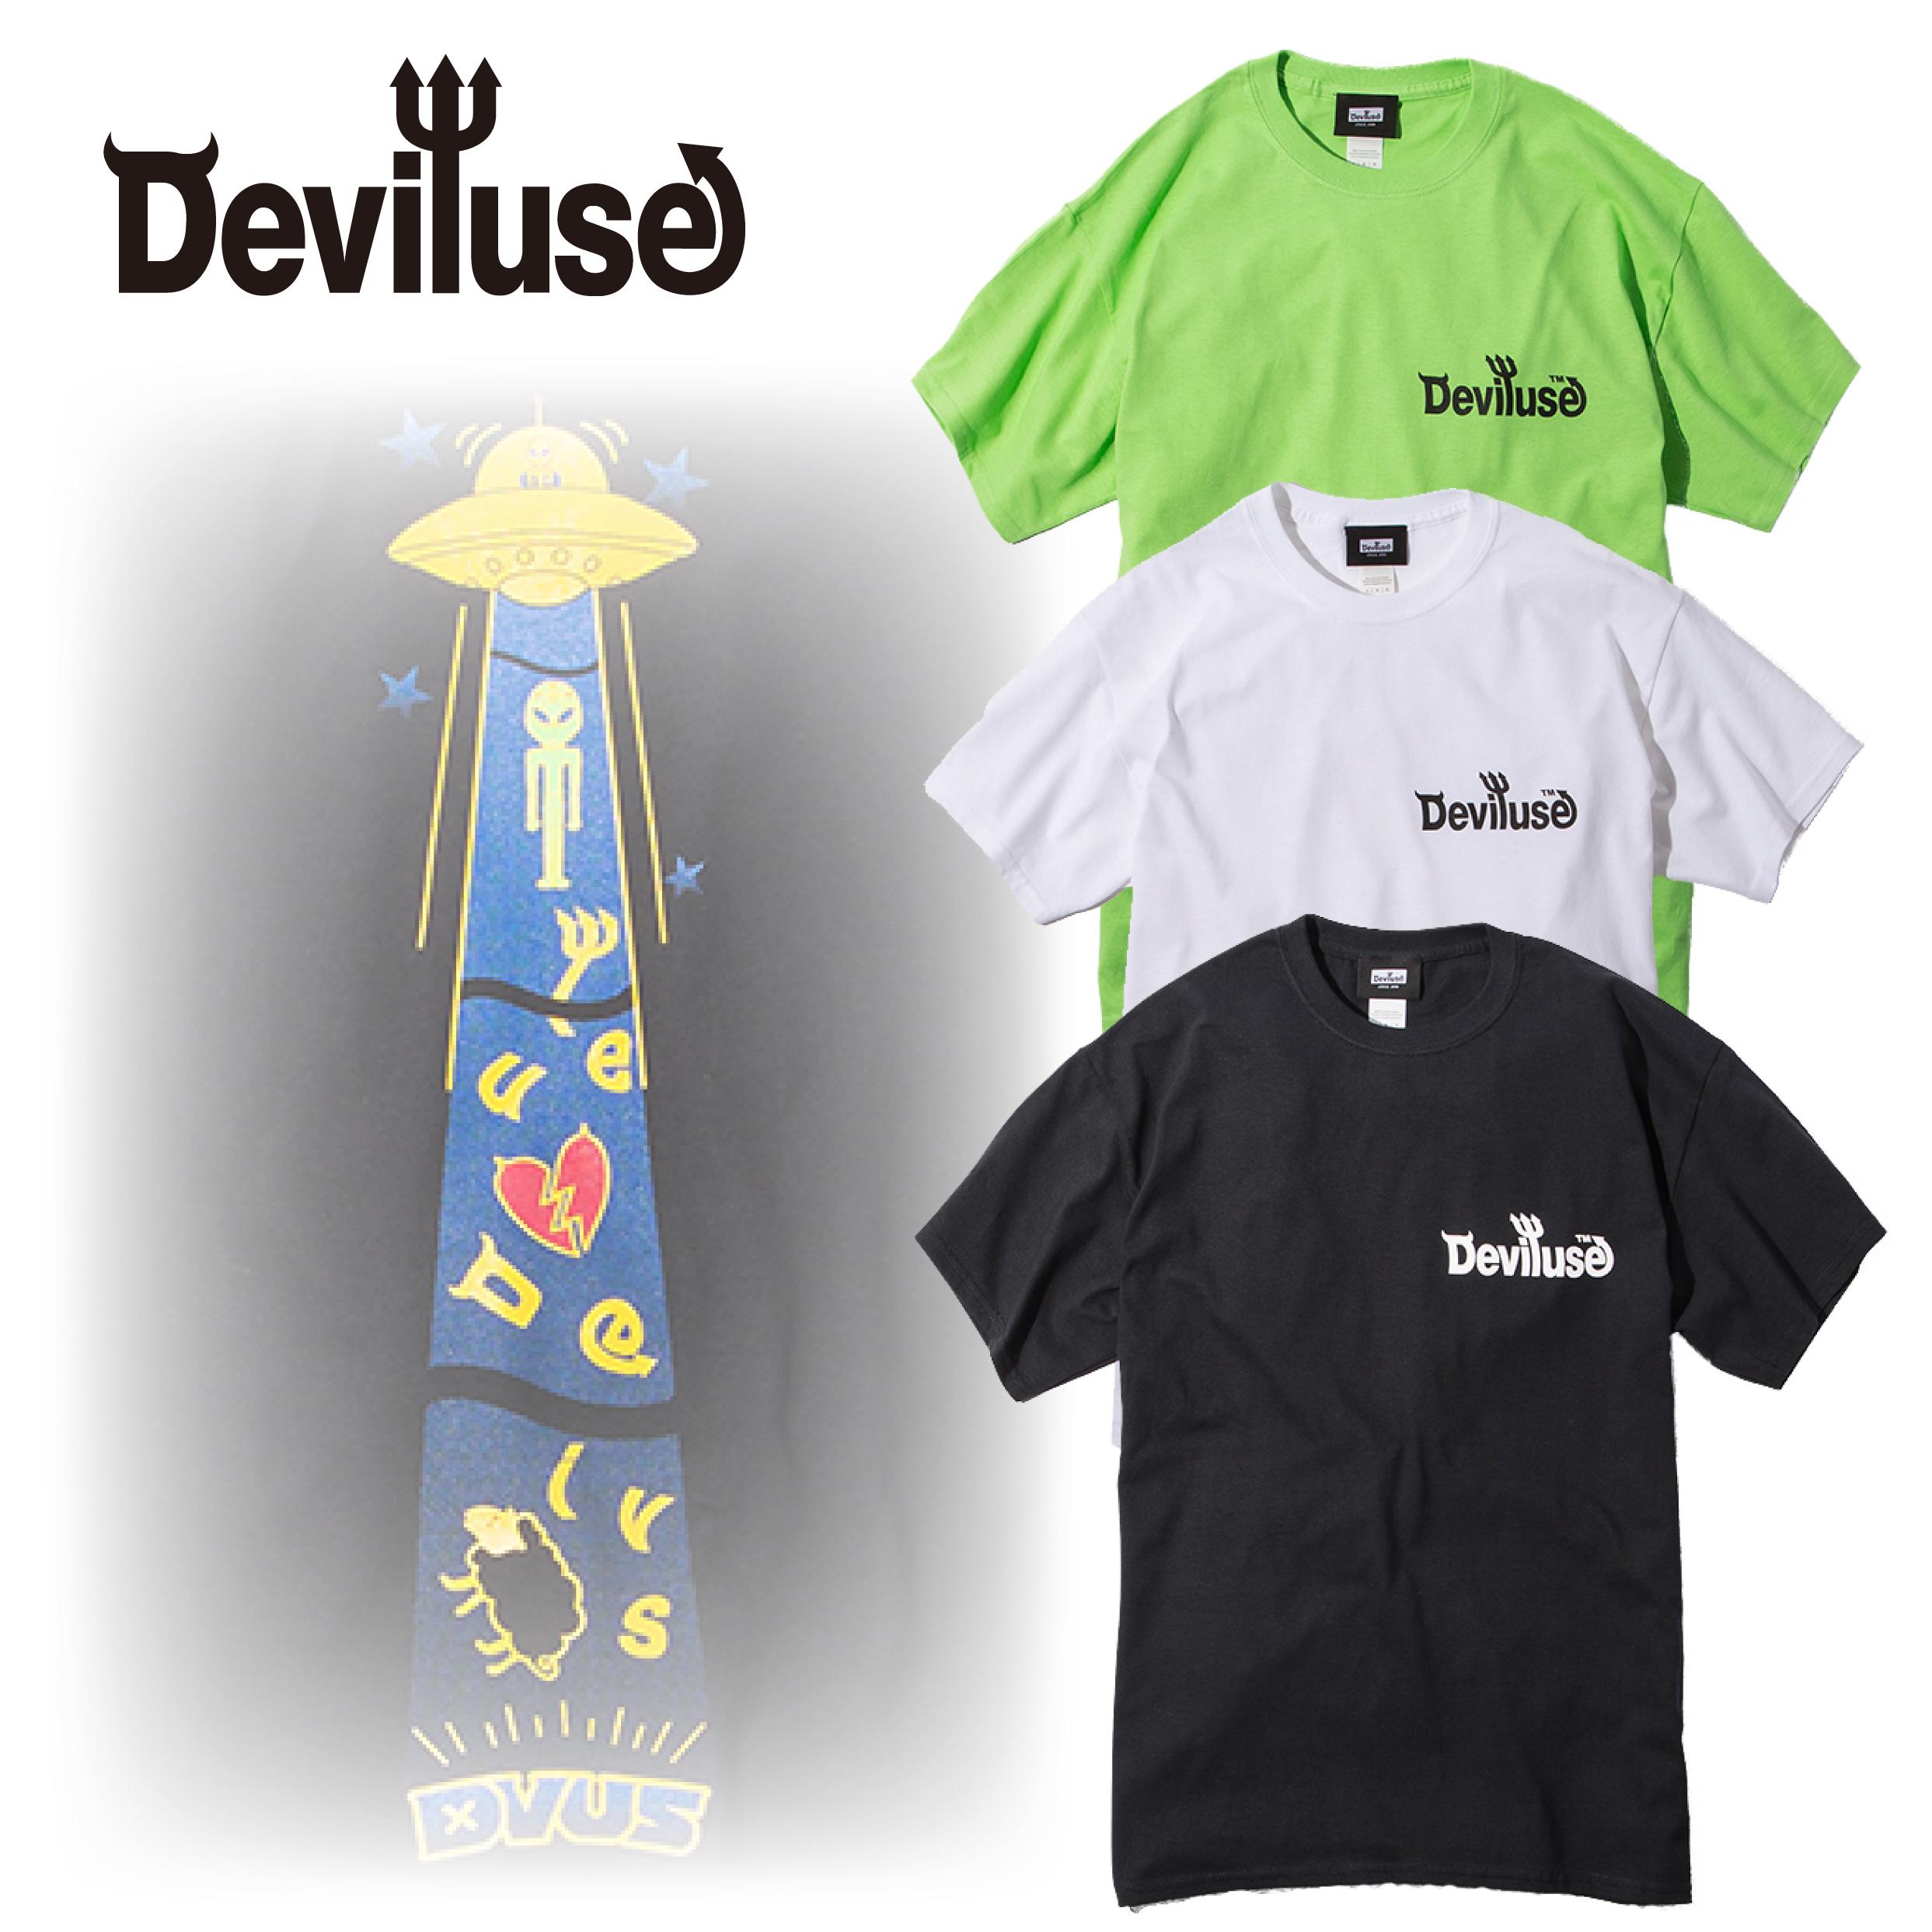 Deviluse(デビルユース) | UFO T-shirts